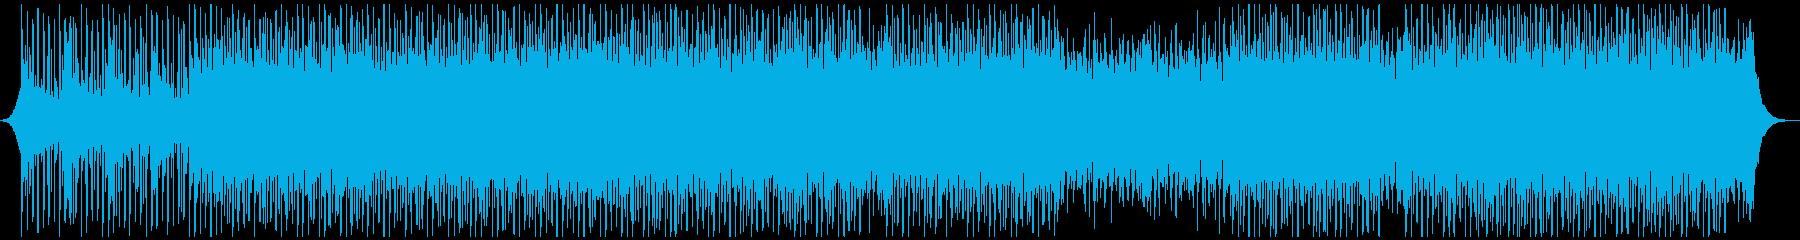 マーケティングの再生済みの波形